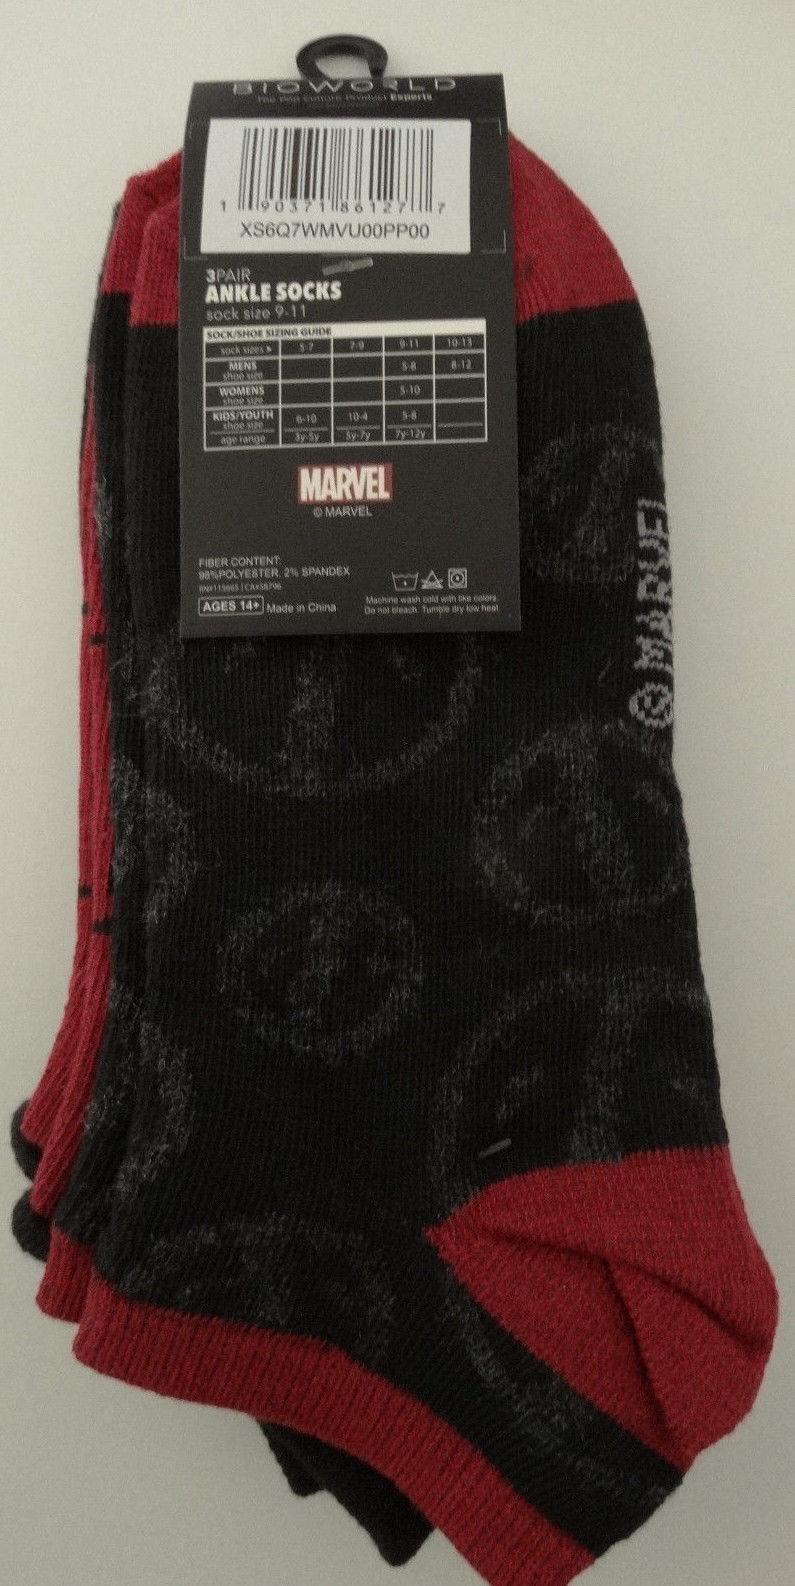 Deadpool Marvel Comics 3 Pack Ankle Socks Nwt